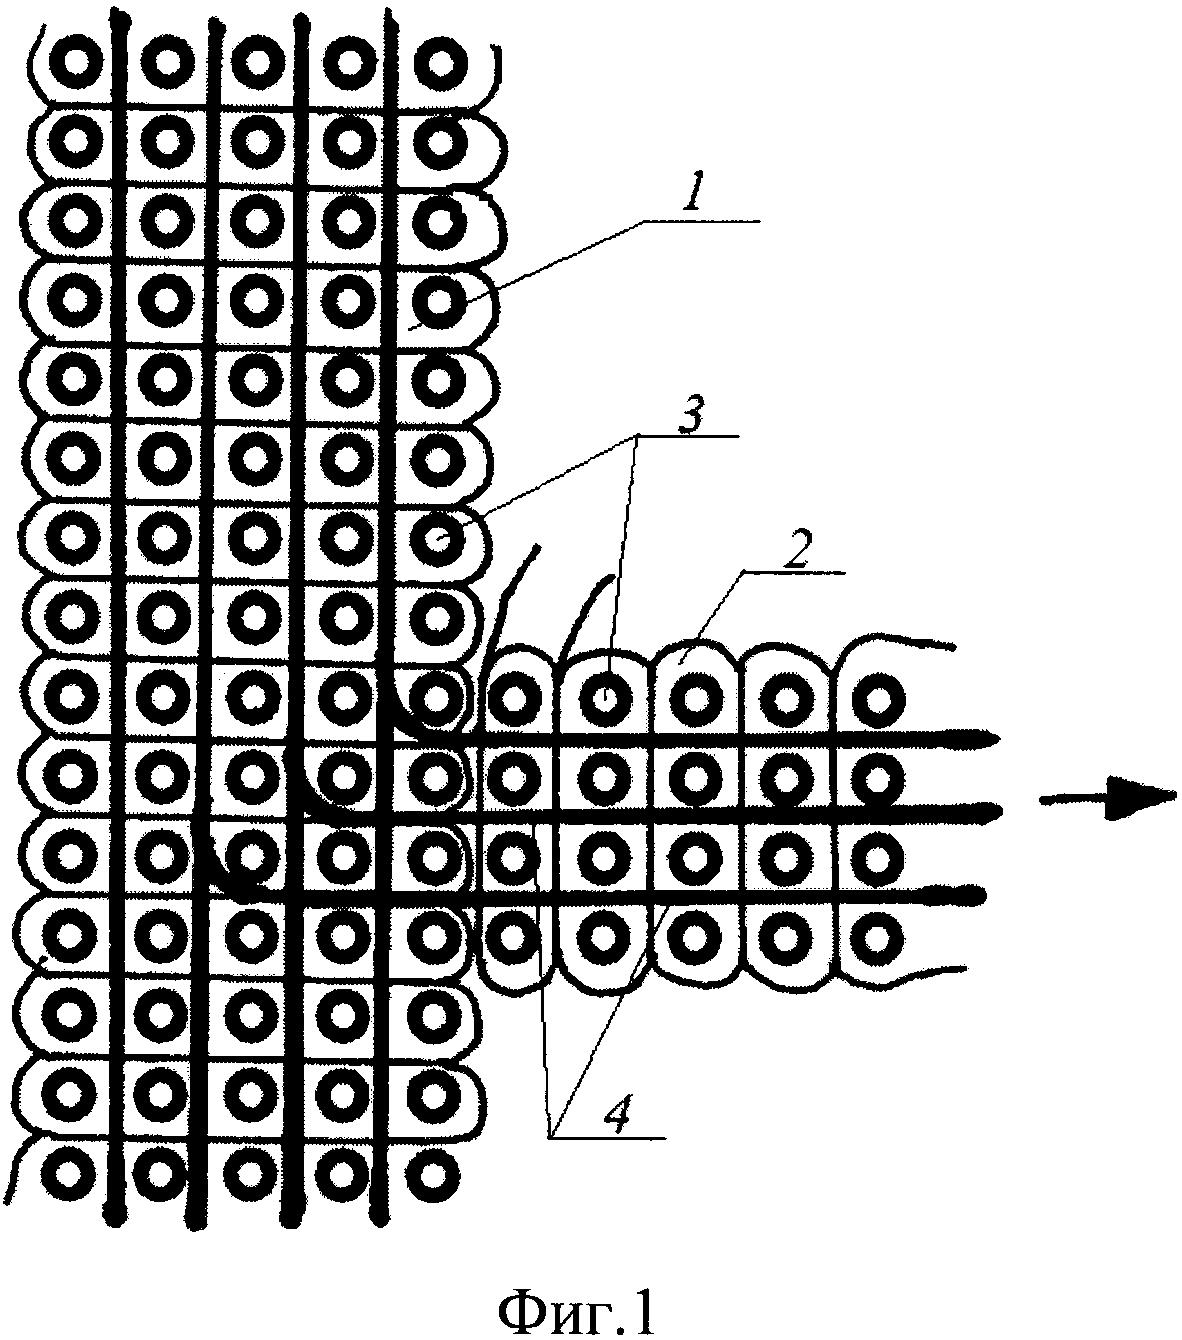 Цельнотканая многослойная оболочка с ребрами жесткости и способ её формирования